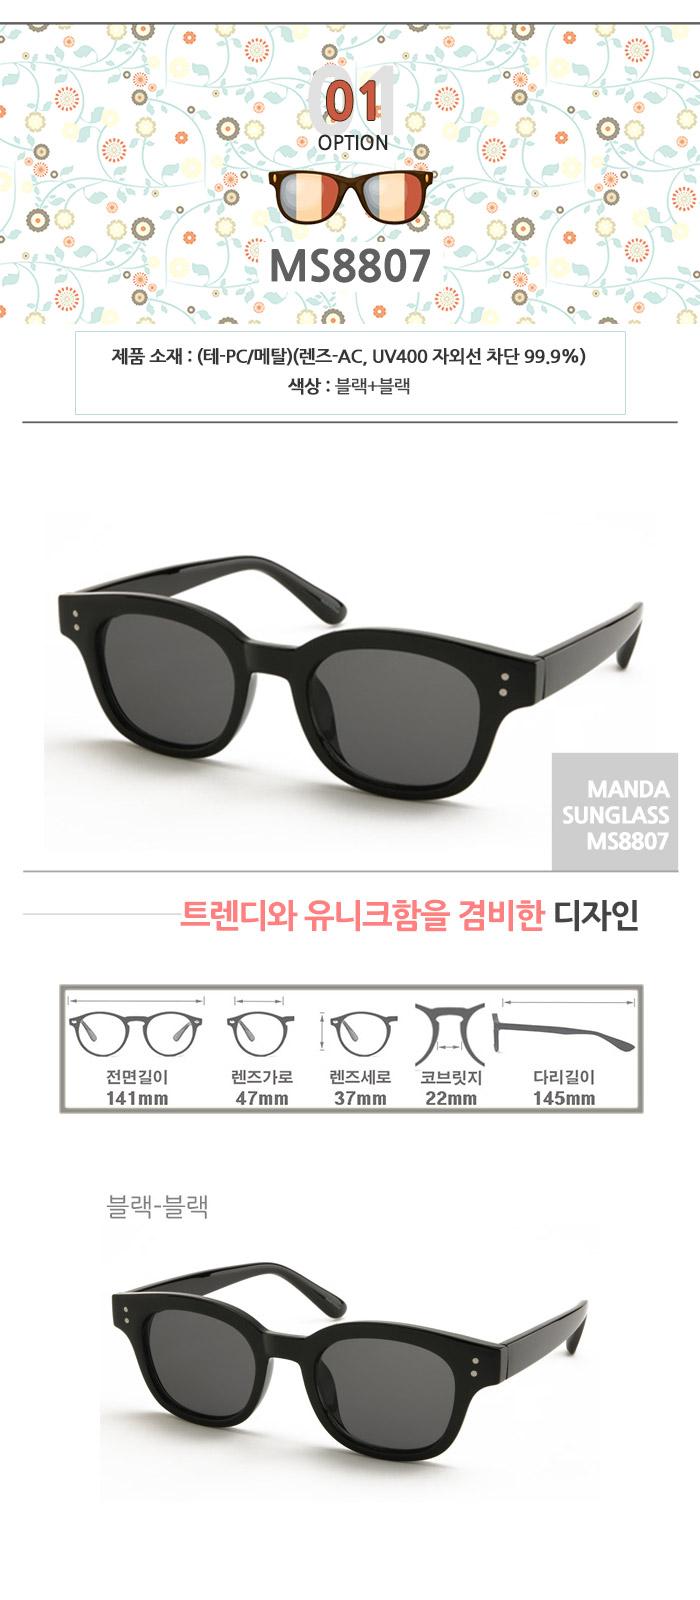 1+1 남여공용 선글라스 15종 파격 특가 - 맨다, 9,900원, 안경/선글라스, 선글라스